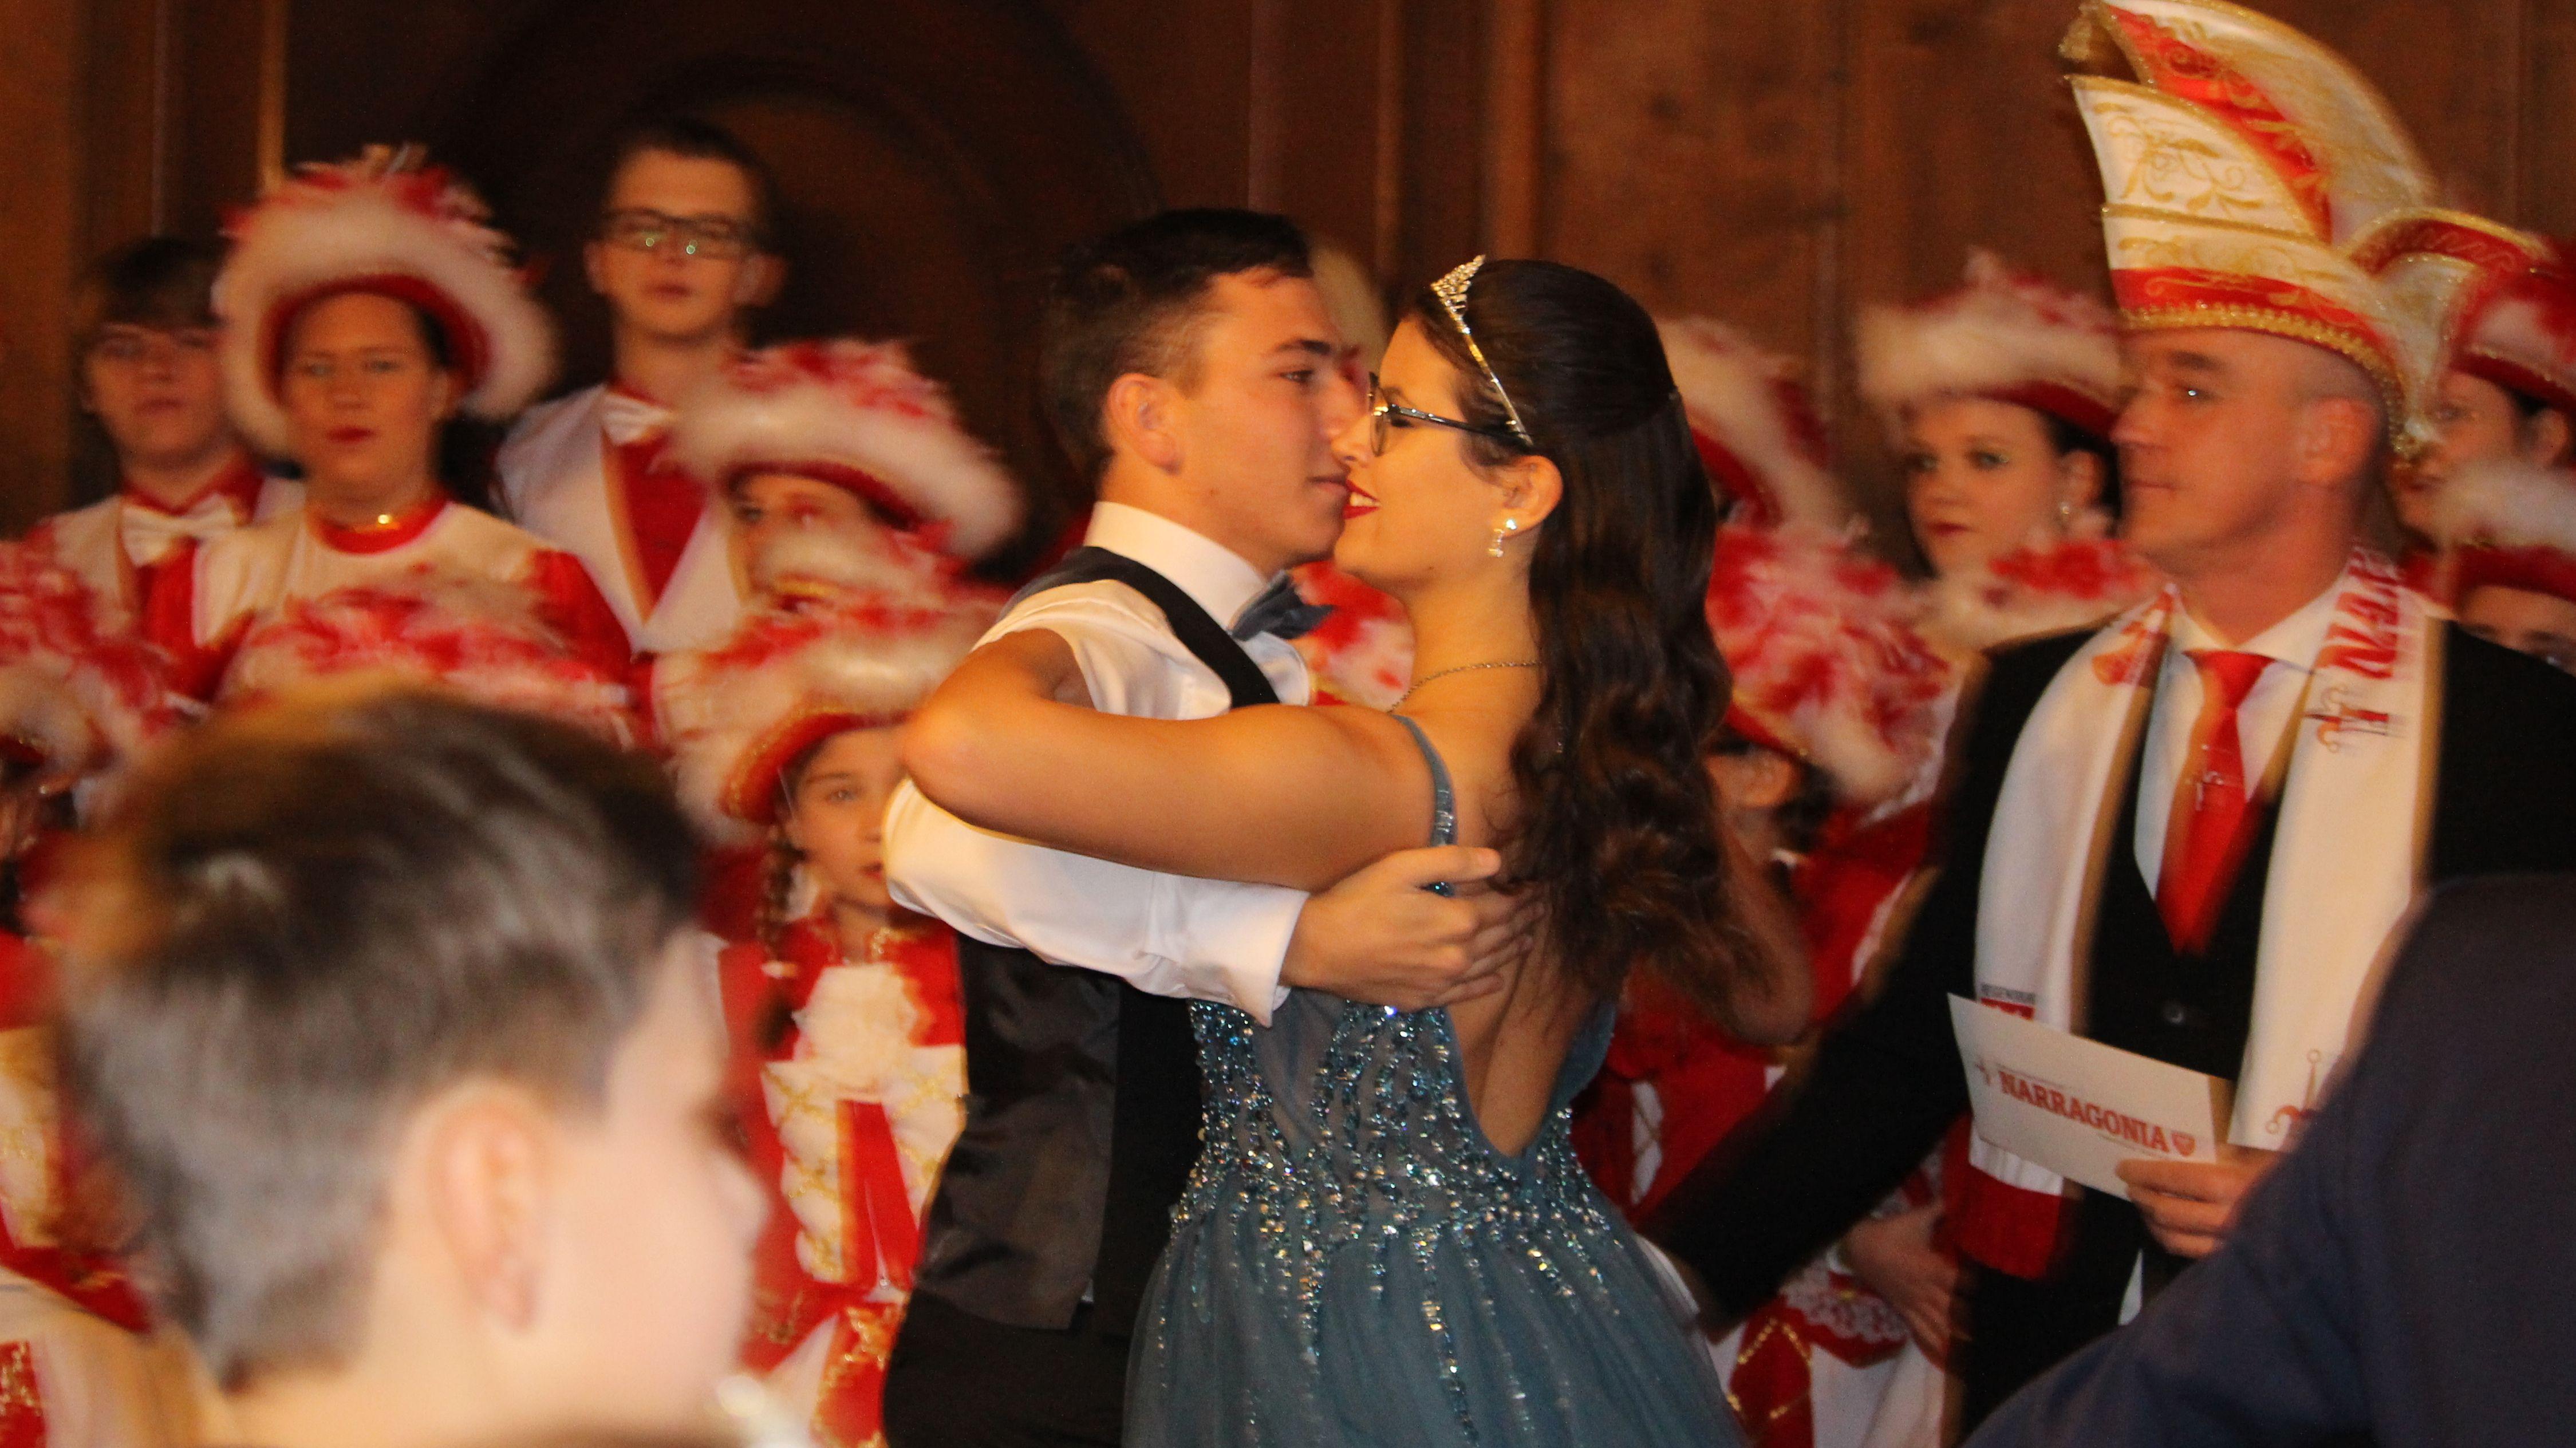 Das Prinzenpaar der Lusticania beim Walzer - Inthronisiert werden die beiden erst beim Ball am Samstag